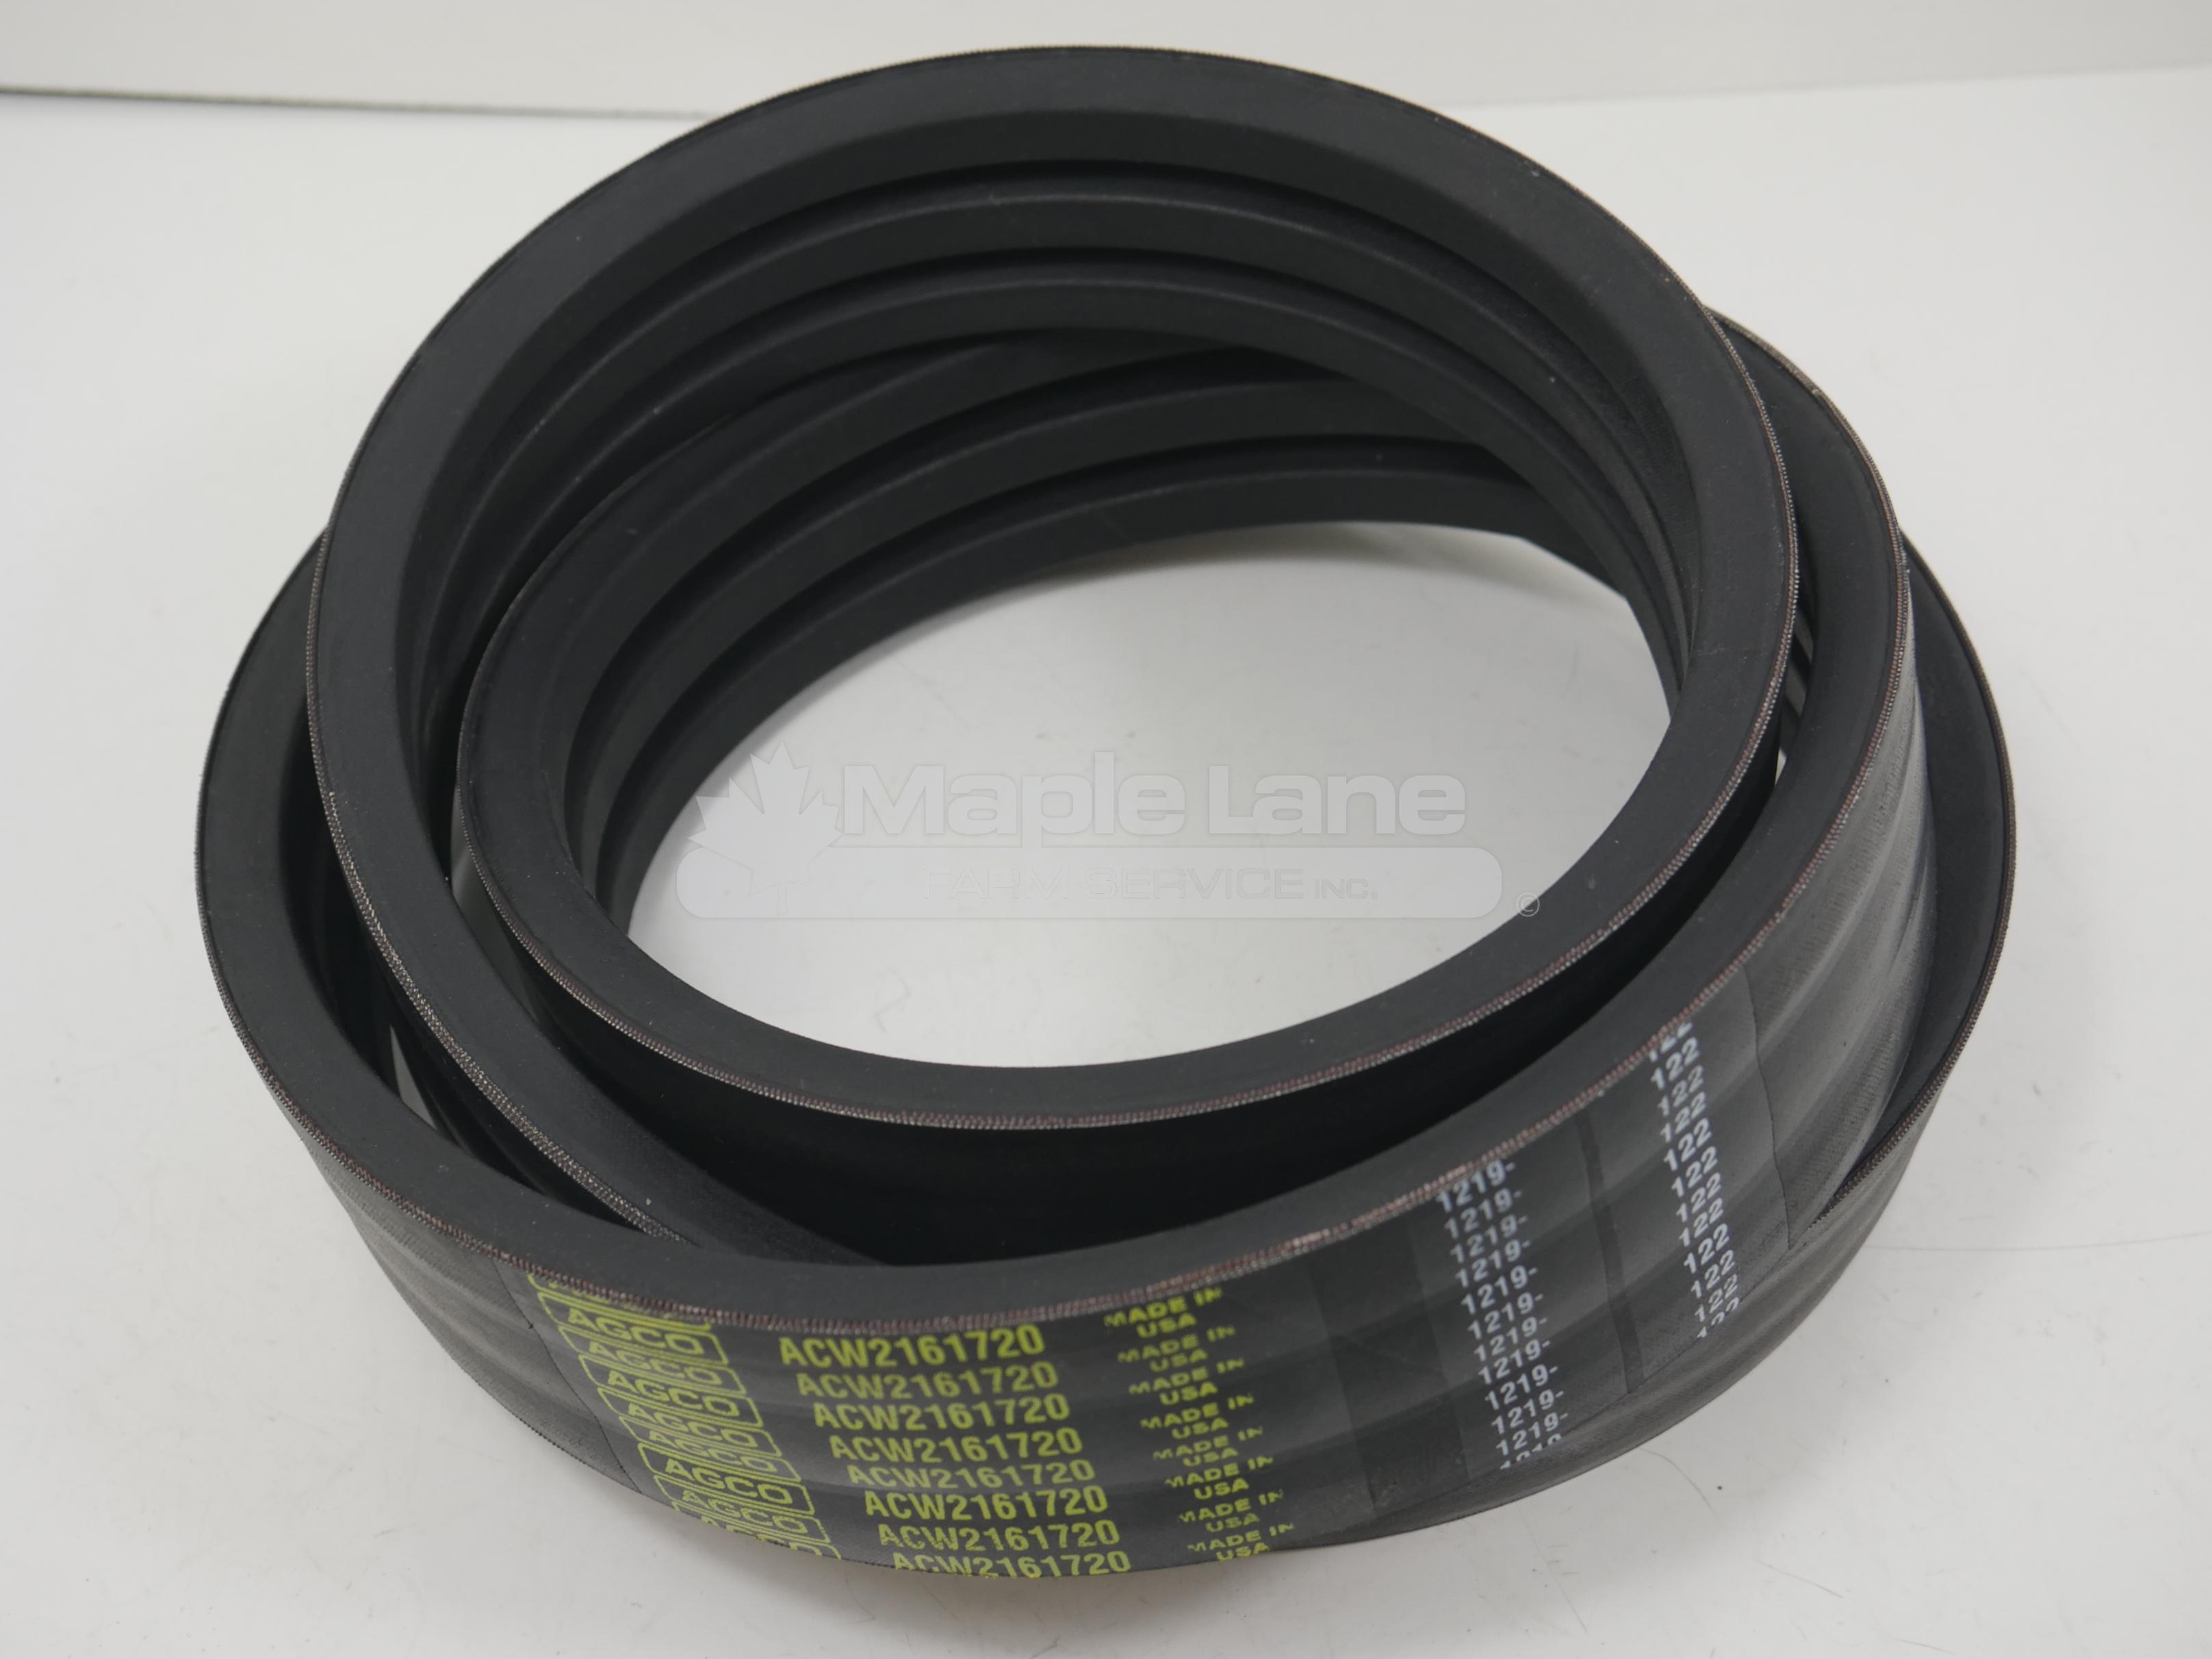 ACW2161720 Belt 2.202m